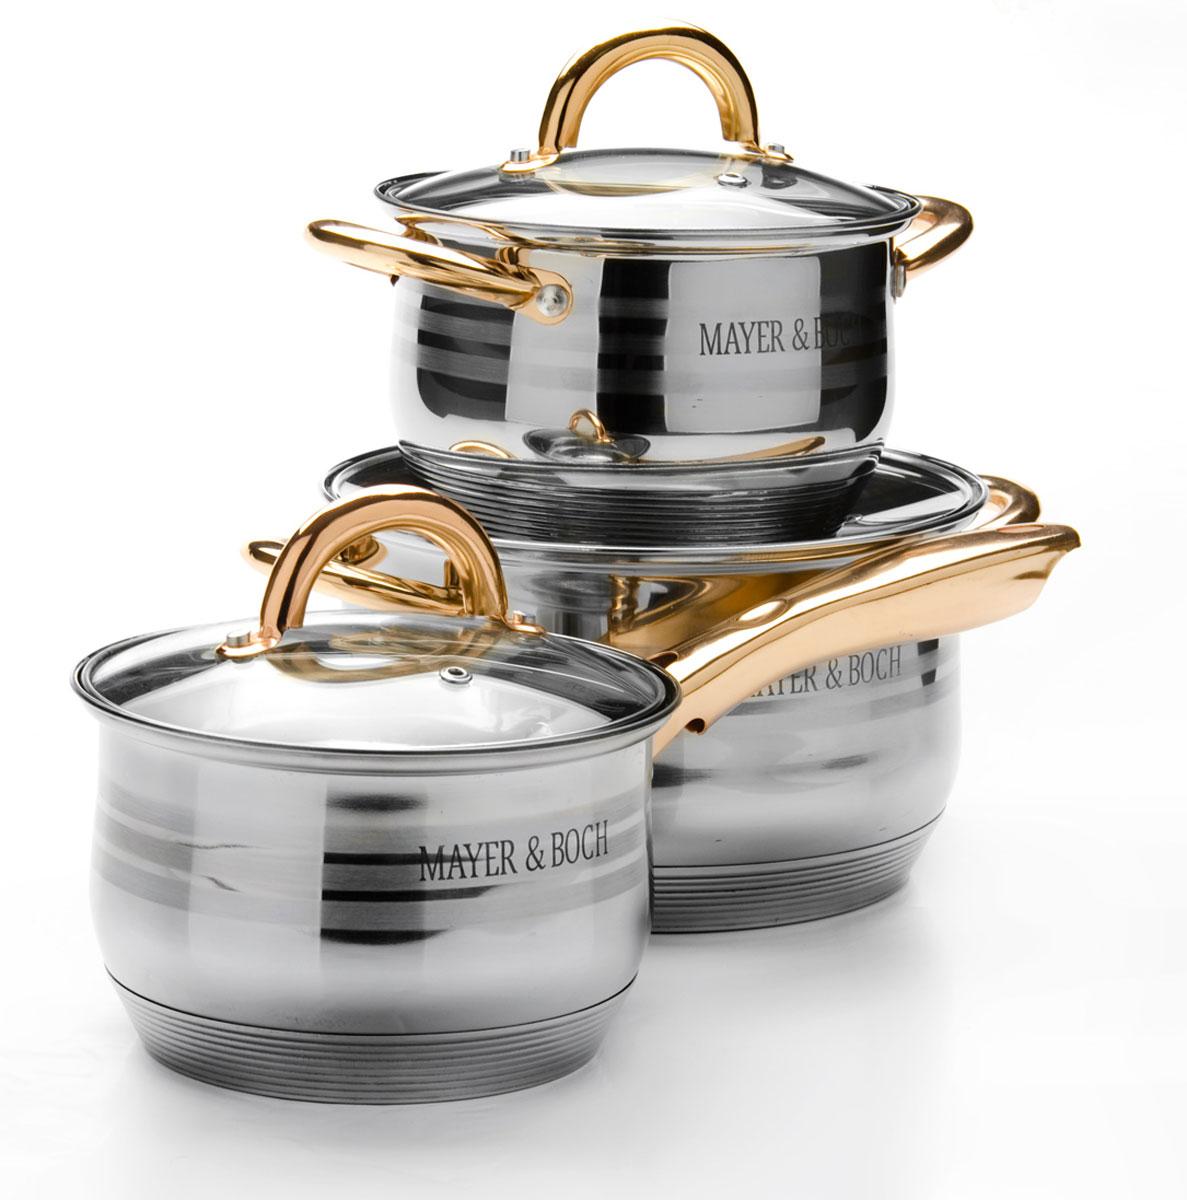 Набор посуды Mayer & Boch, 6 предметов. 2566954 0093032,1+2,1+3,9л